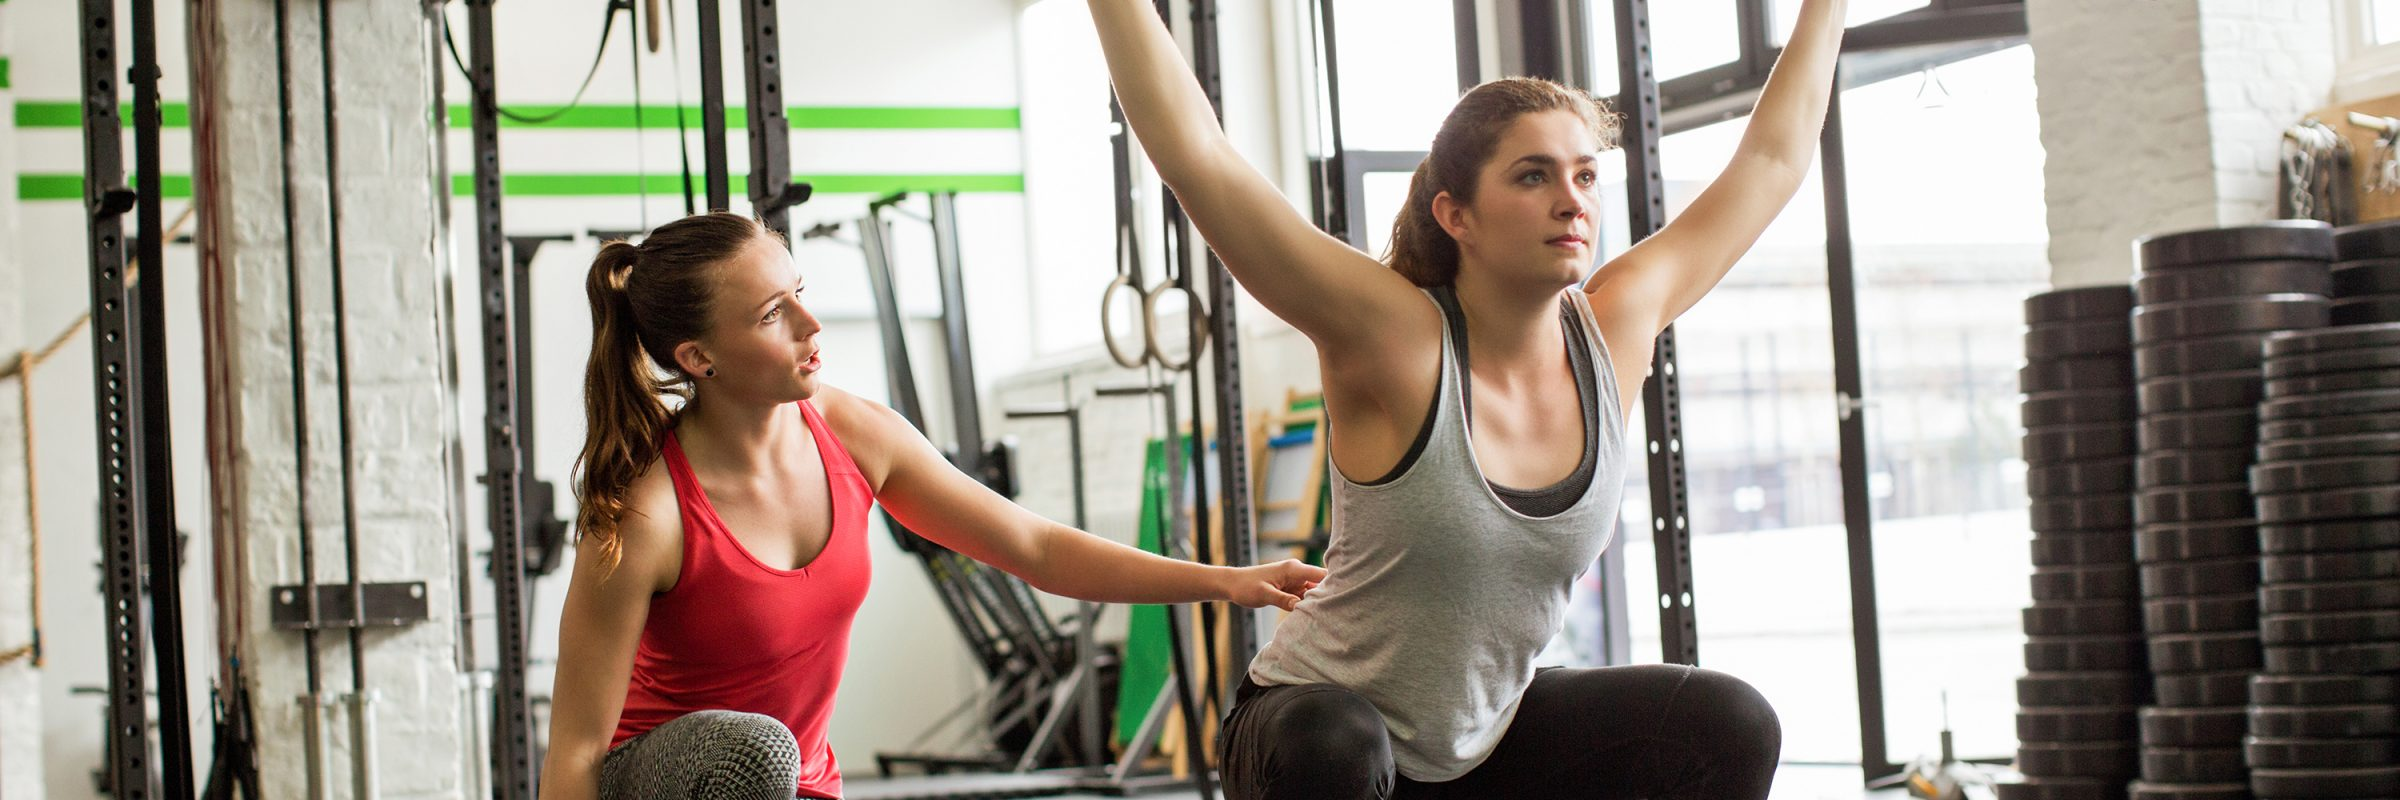 Personal Trainerin gibt Anweisungen Gewichteheben